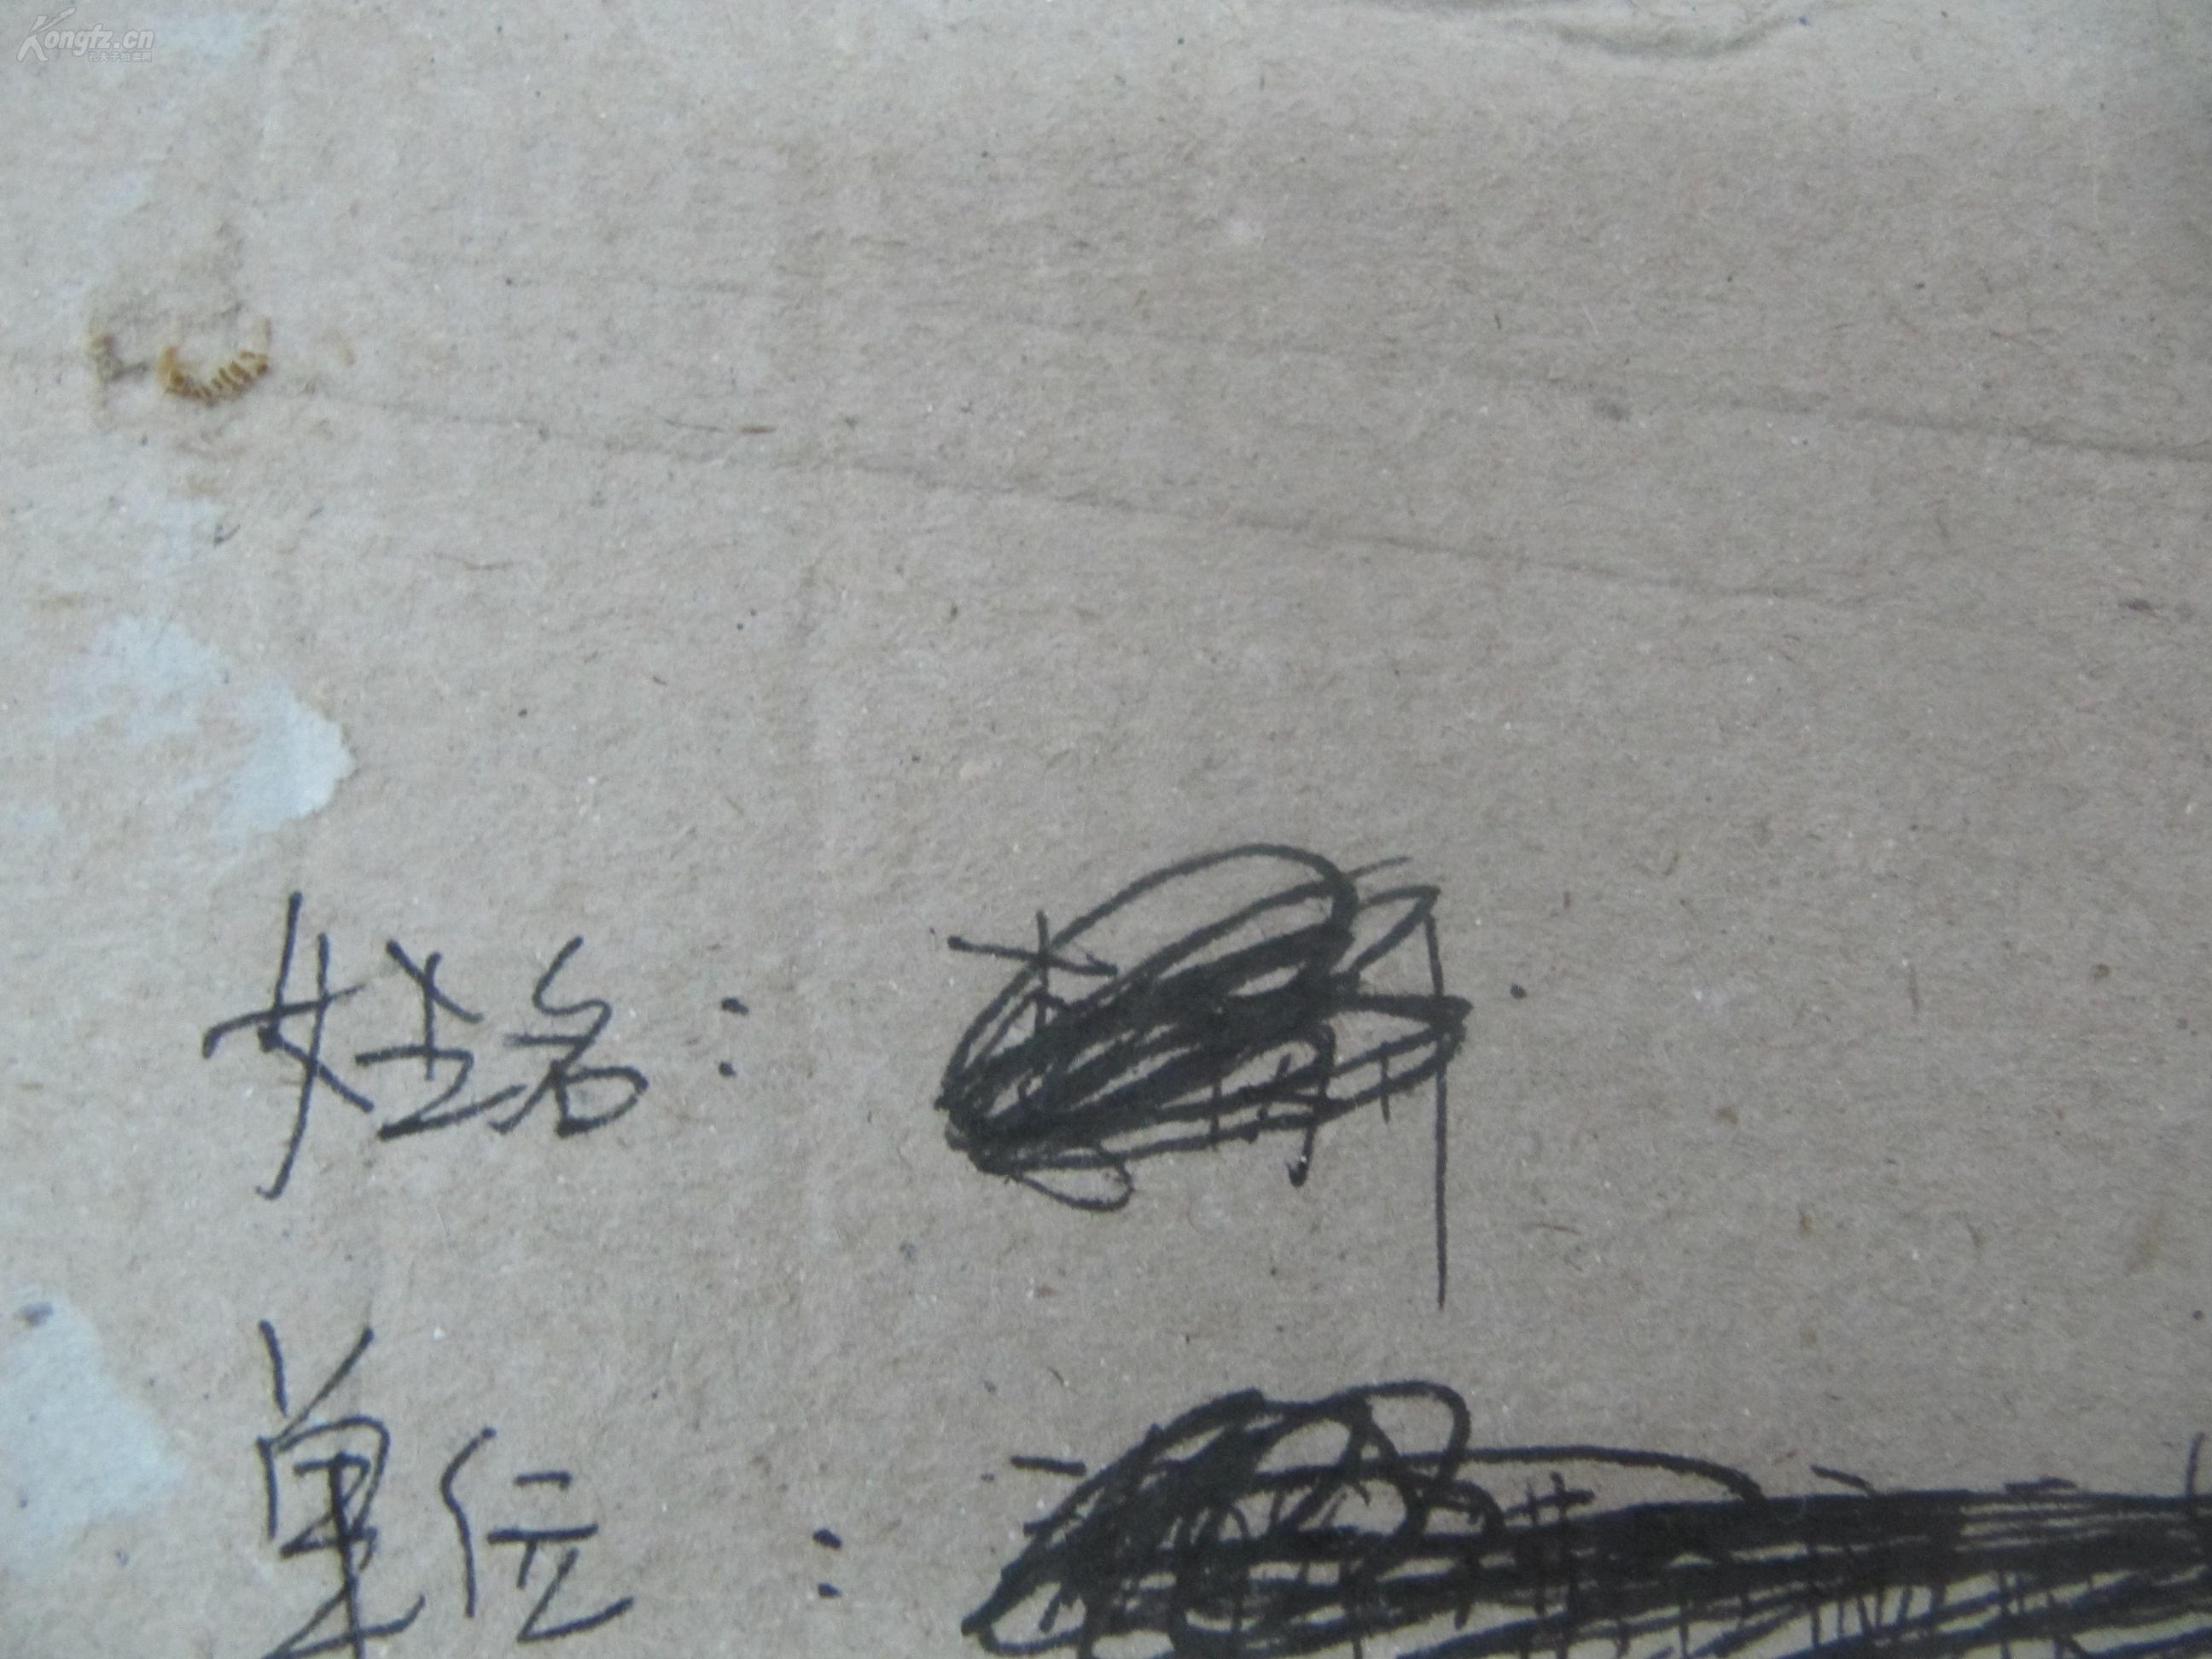 李刚 军旅摄影照片一张 勤务保障 尺寸25 20厘米